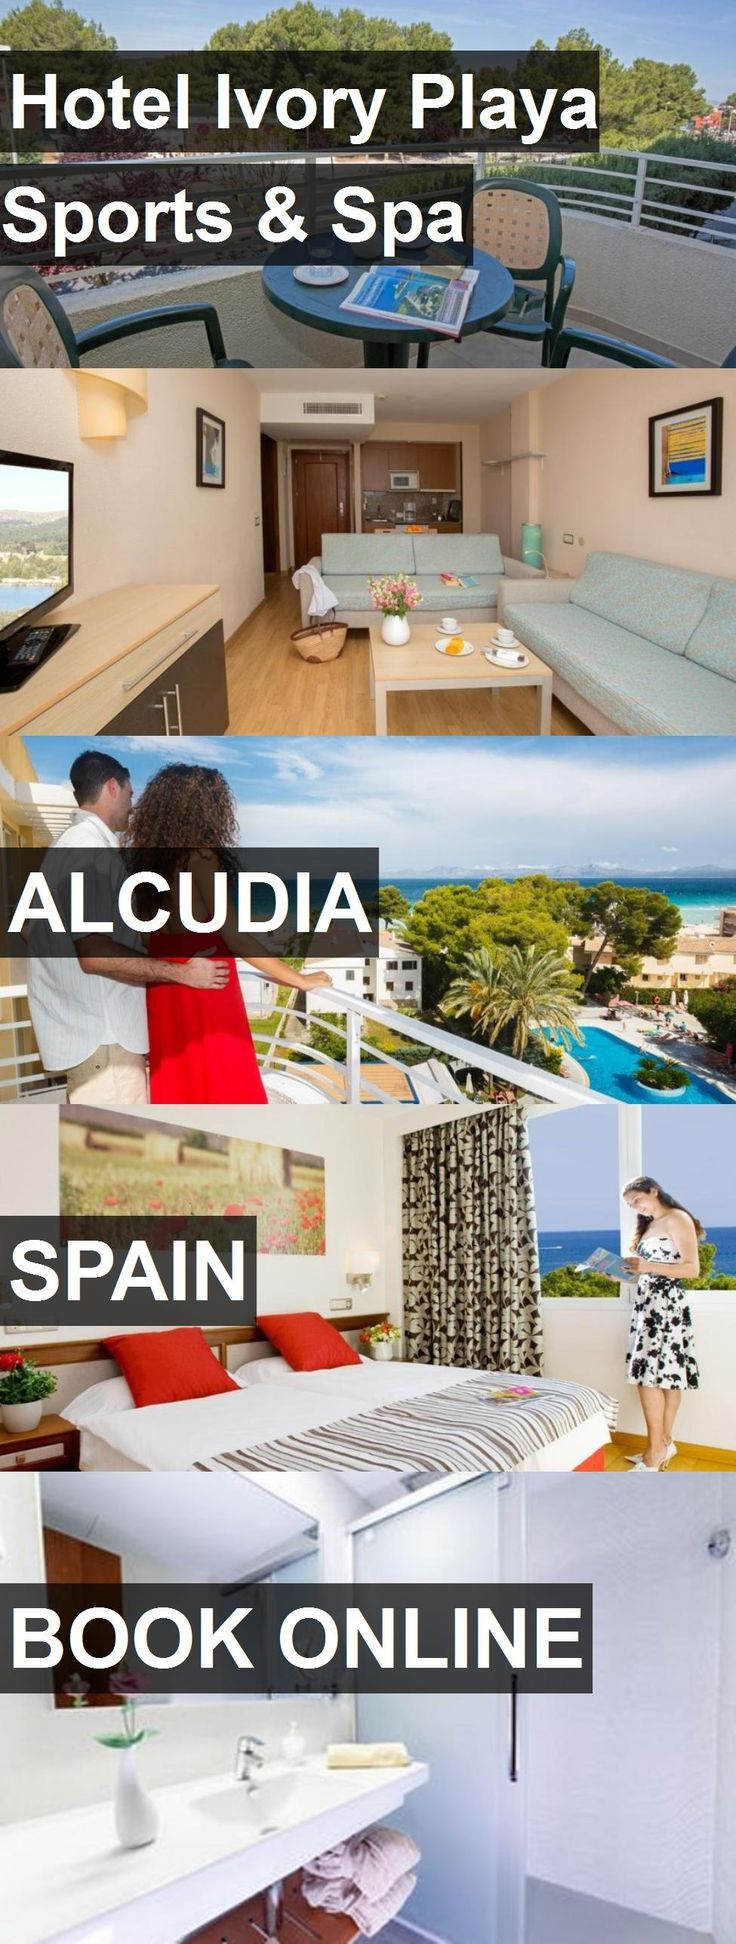 Hotel Hotel Ivory Playa Sports